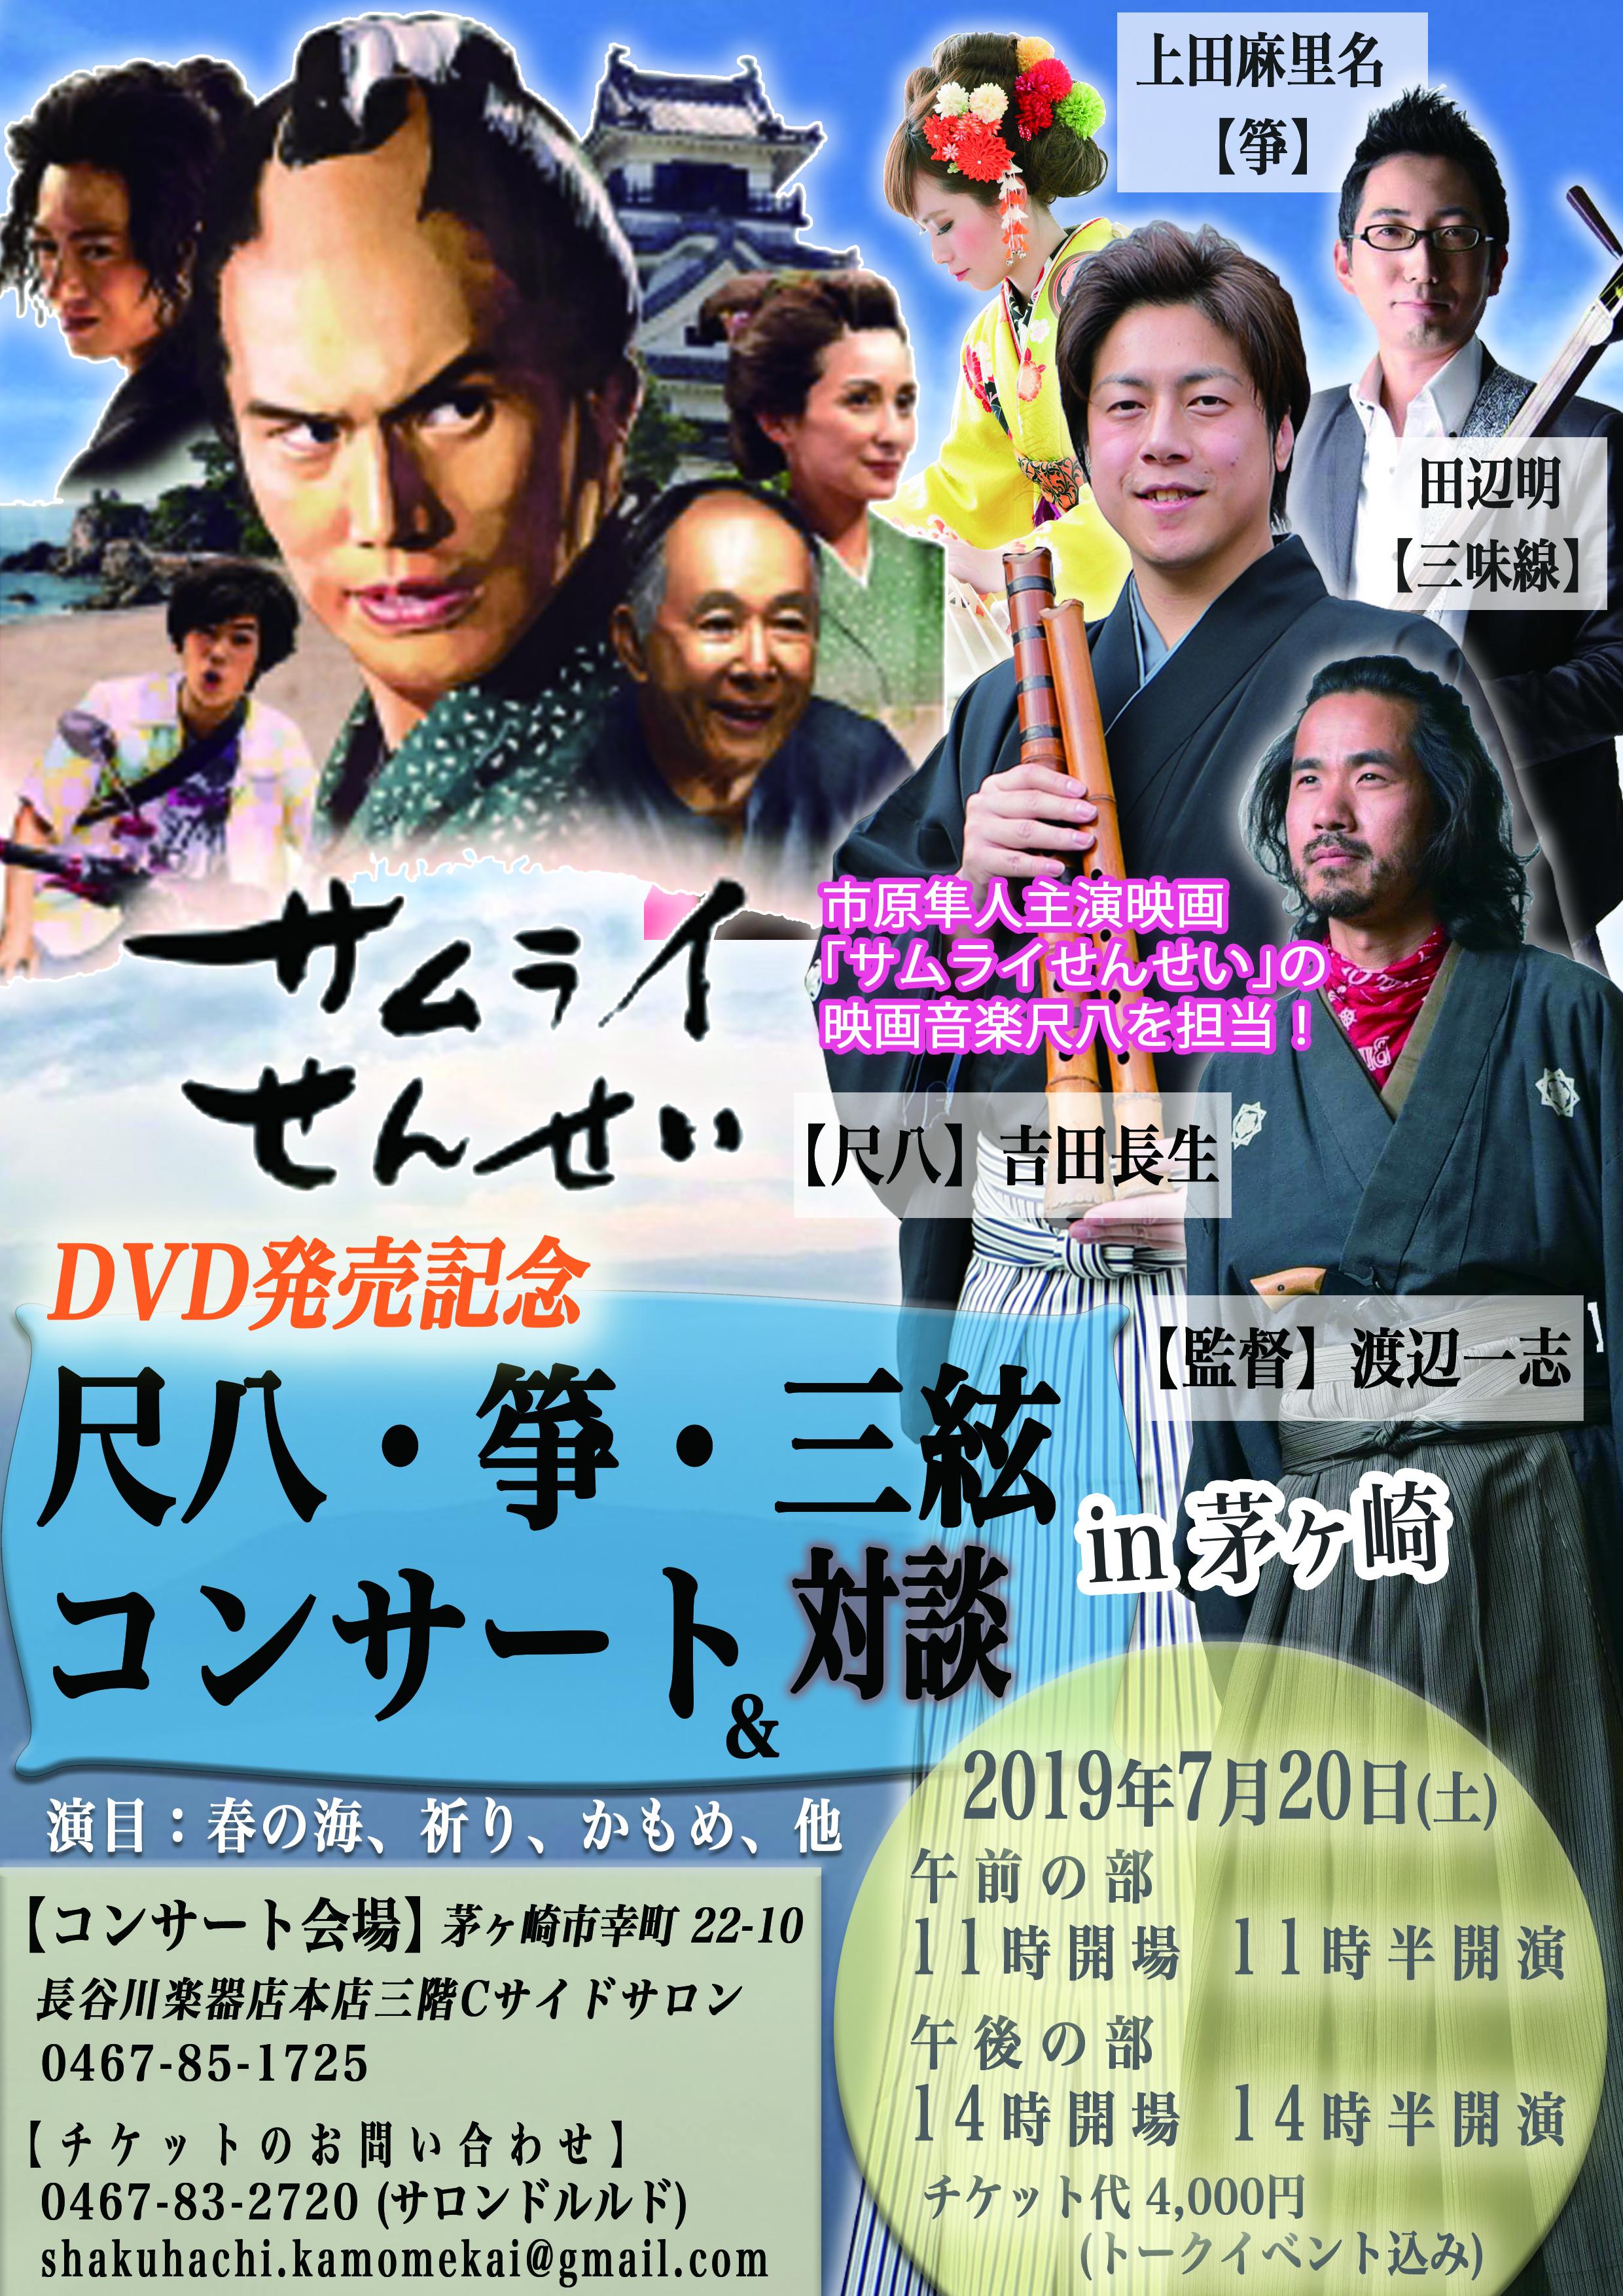 映画「サムライせんせい」DVD発売記念コンサート(茅ヶ崎)開催決定 スペシャルゲストあり